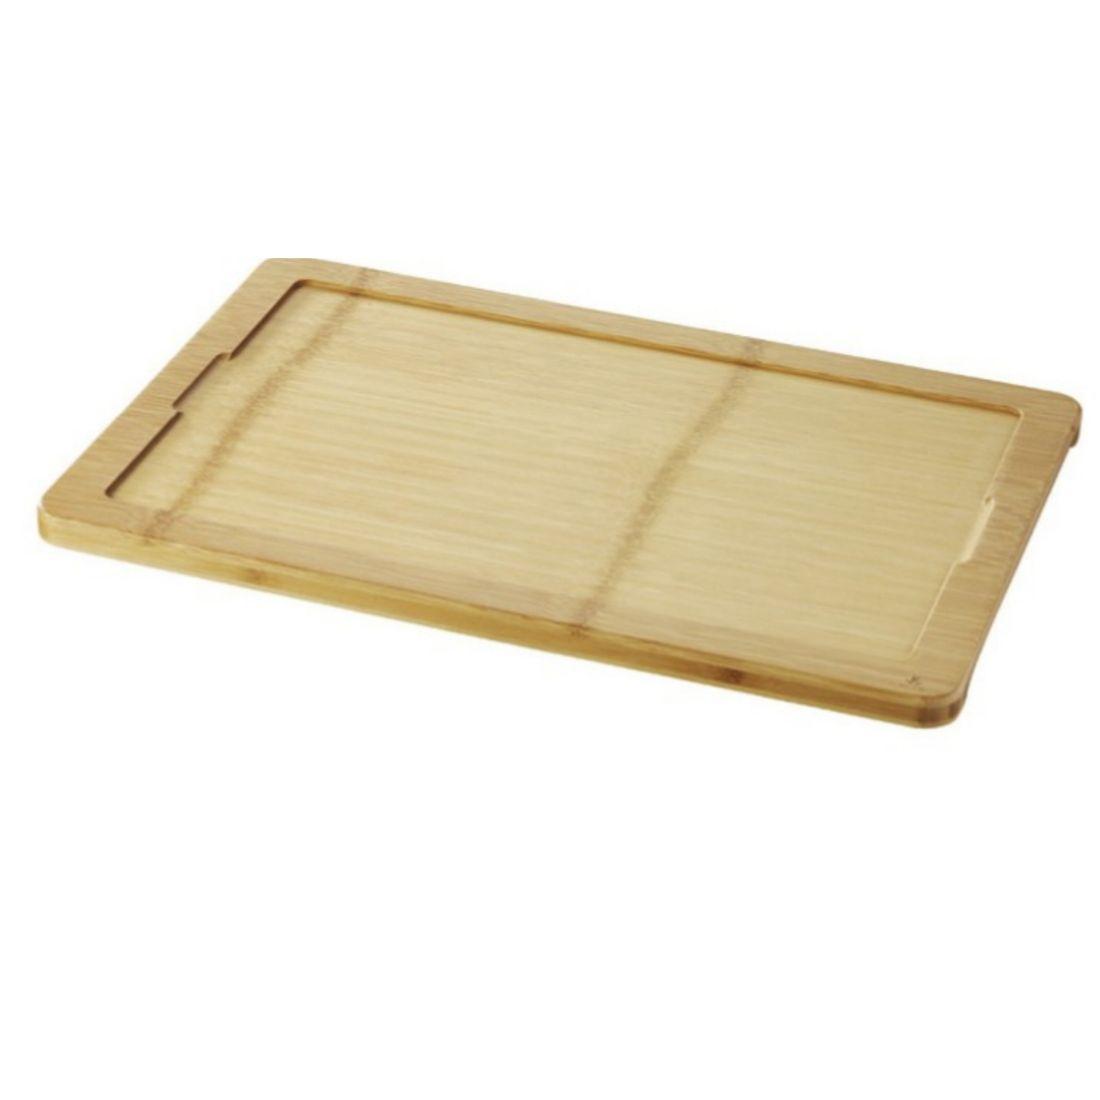 Bambus Servírovací talíř pro Basalt 46x30cm